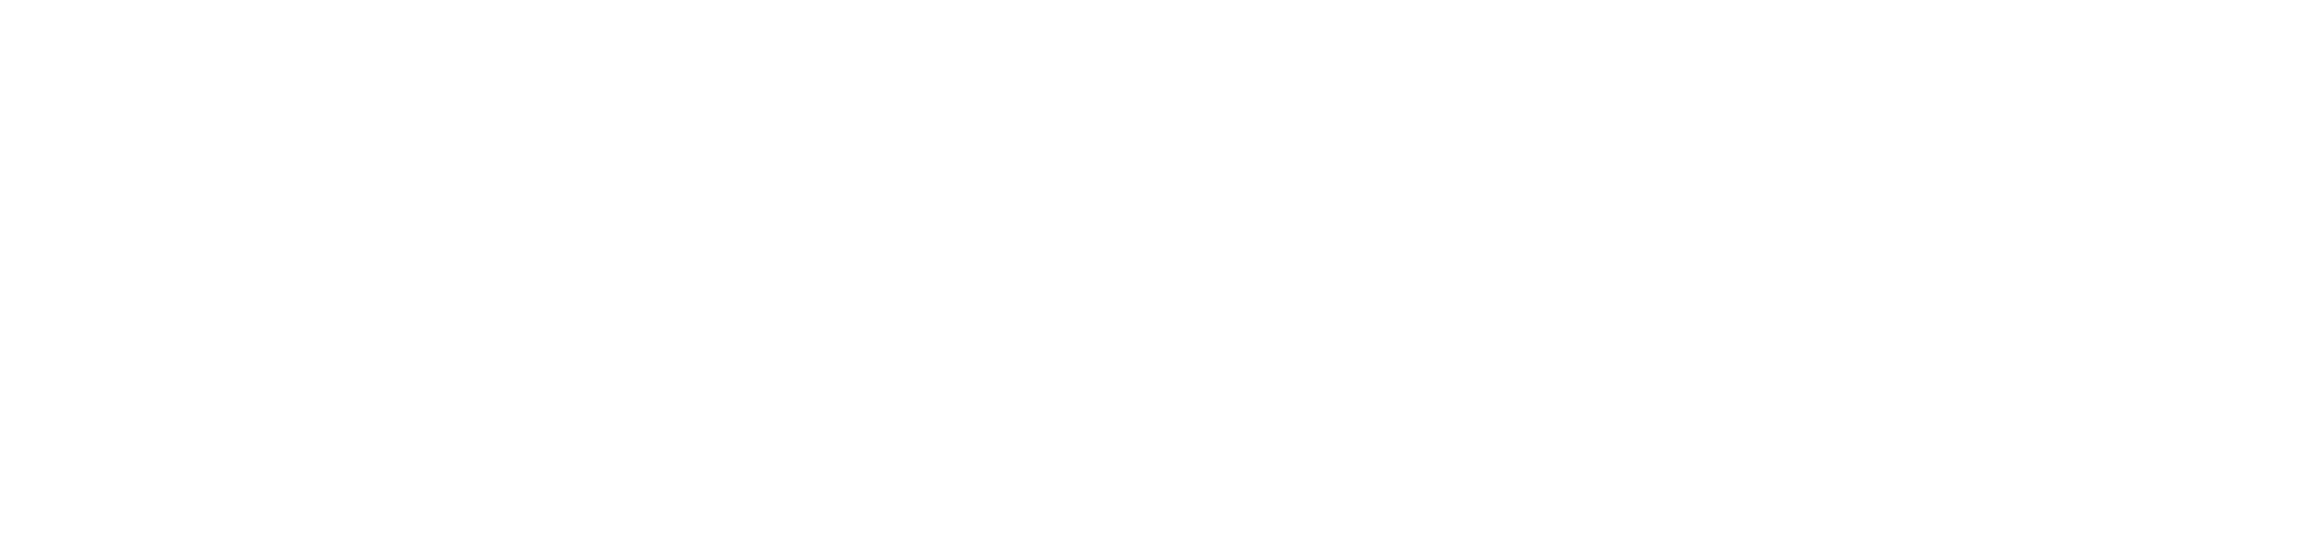 NBN Atlas Wales